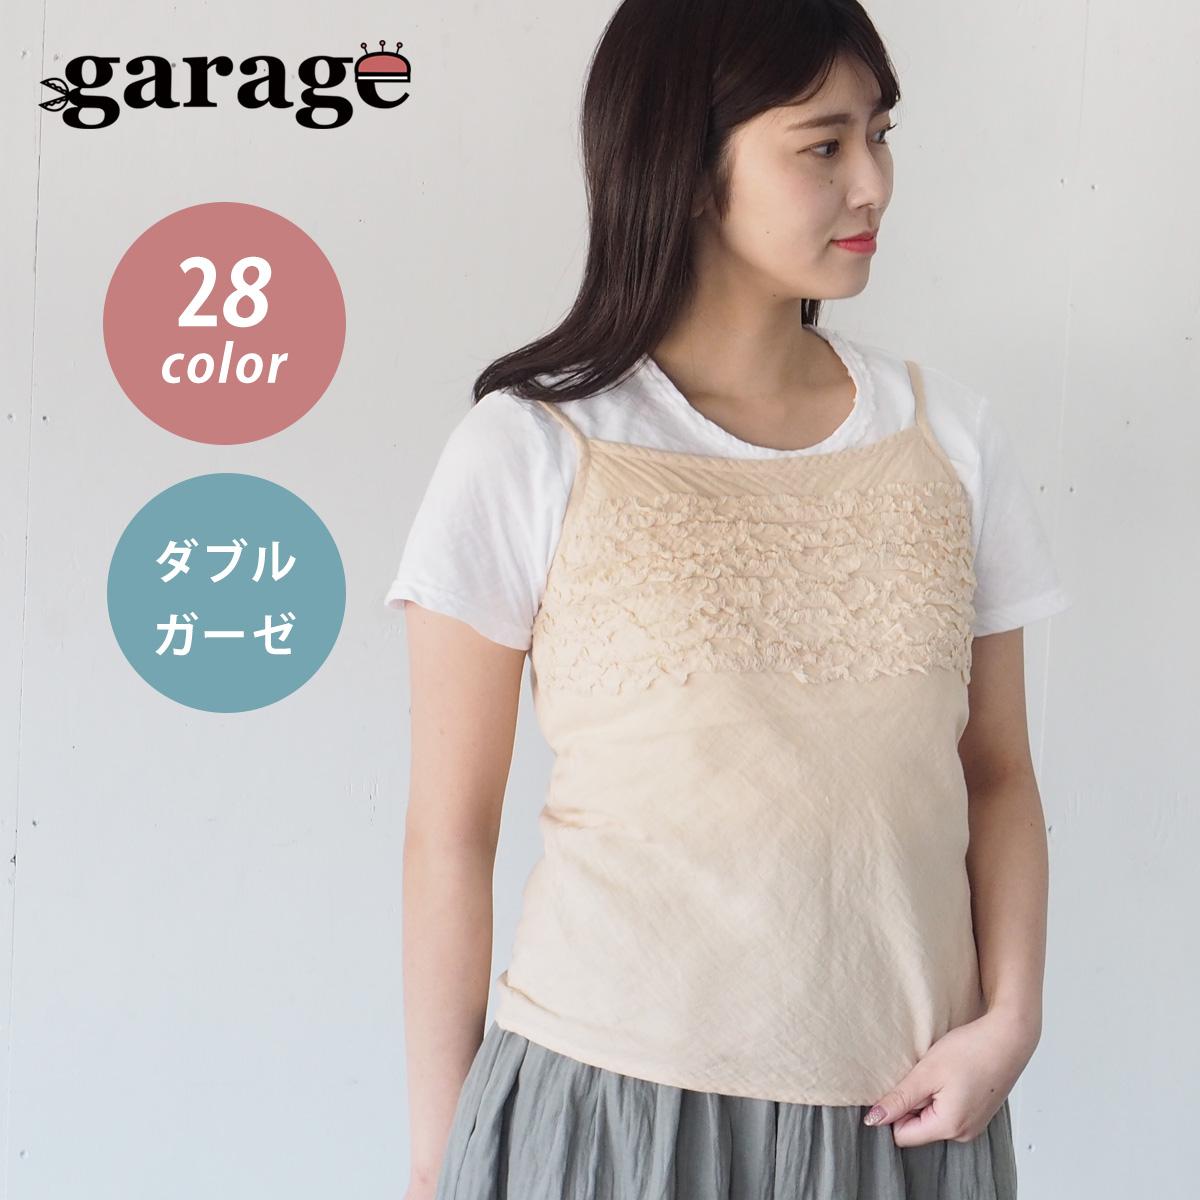 >ガーゼ服工房garage(ガラージ) ふかふかキャミソール ダブルガーゼ レディース [TS-41]